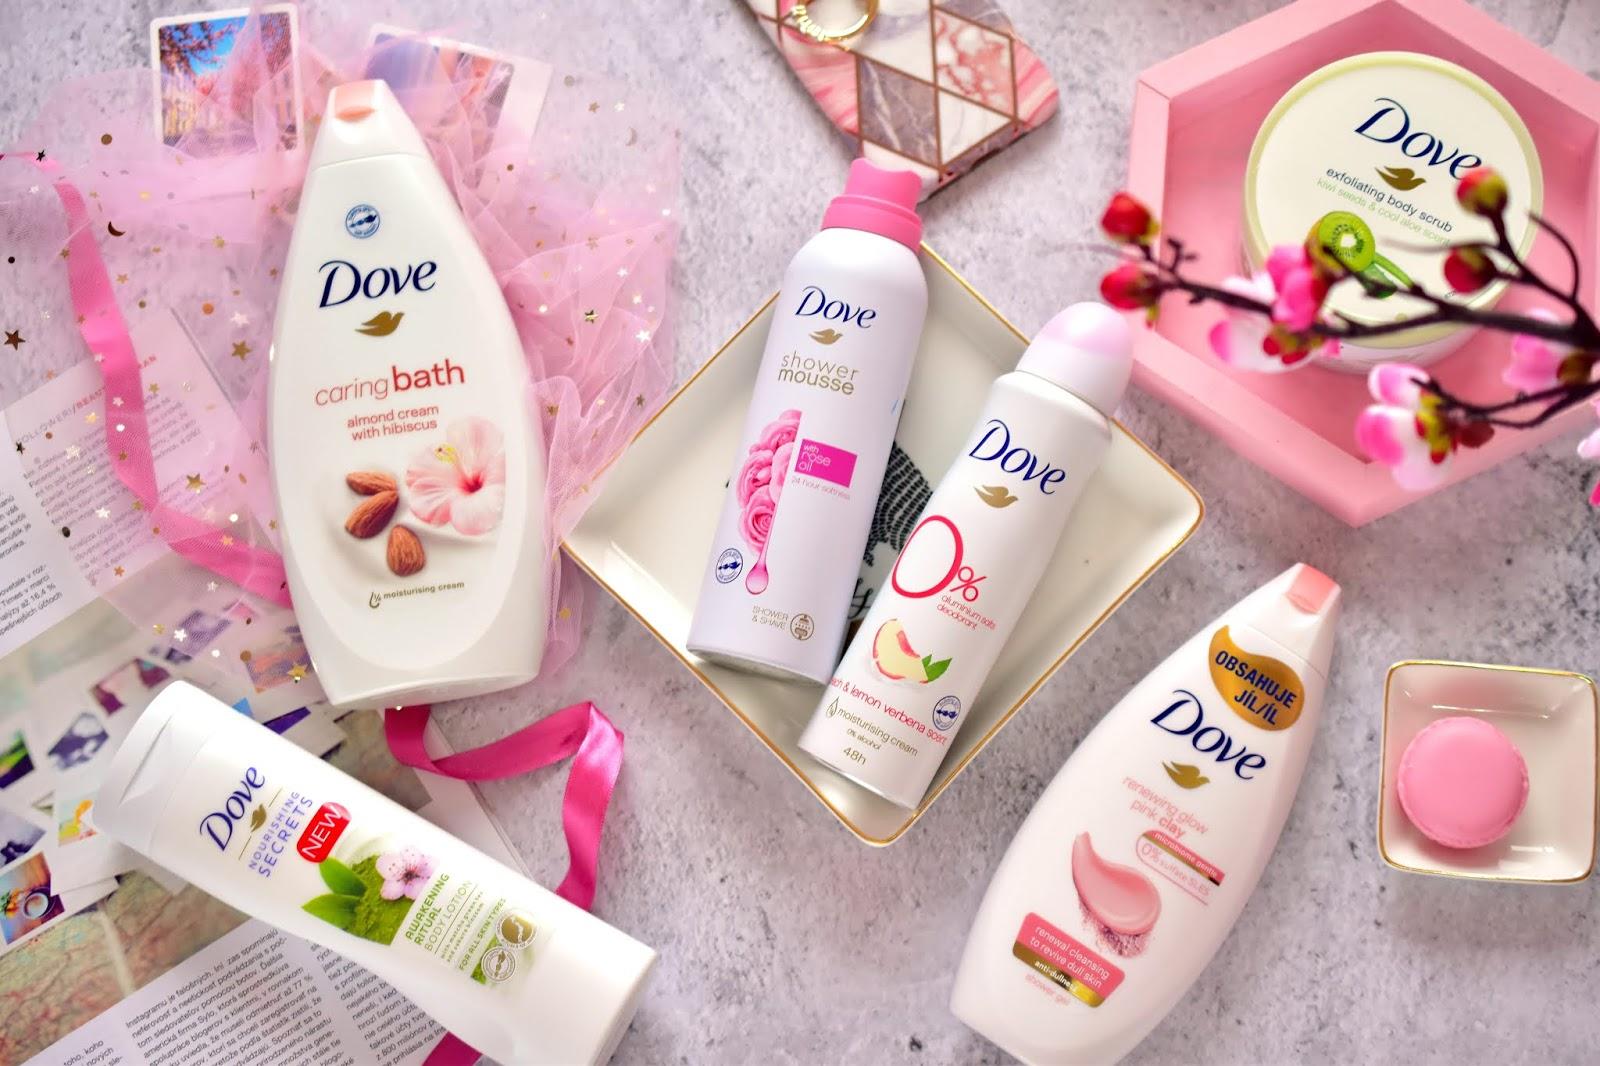 kozmetika Dove